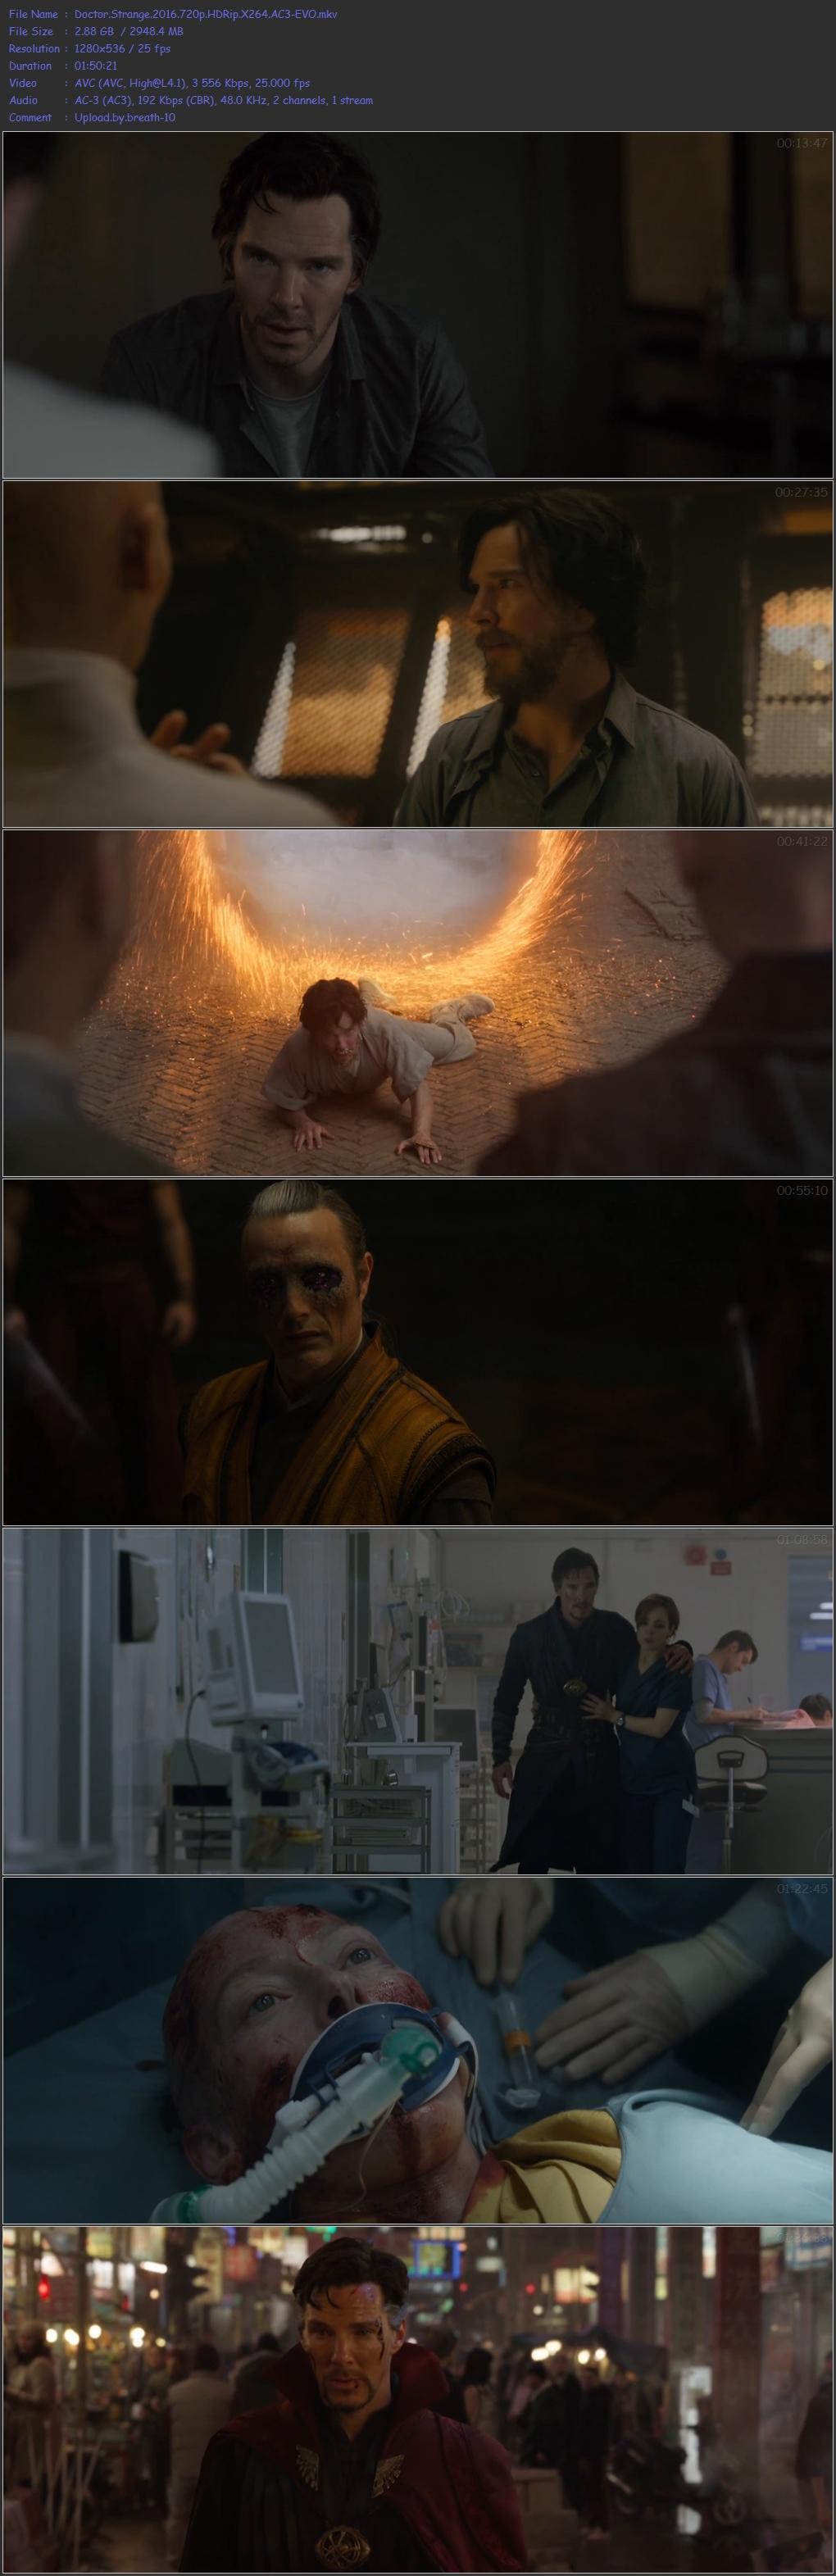 Доктор Стрэндж  Doctor Strange 2016 смотреть фильм